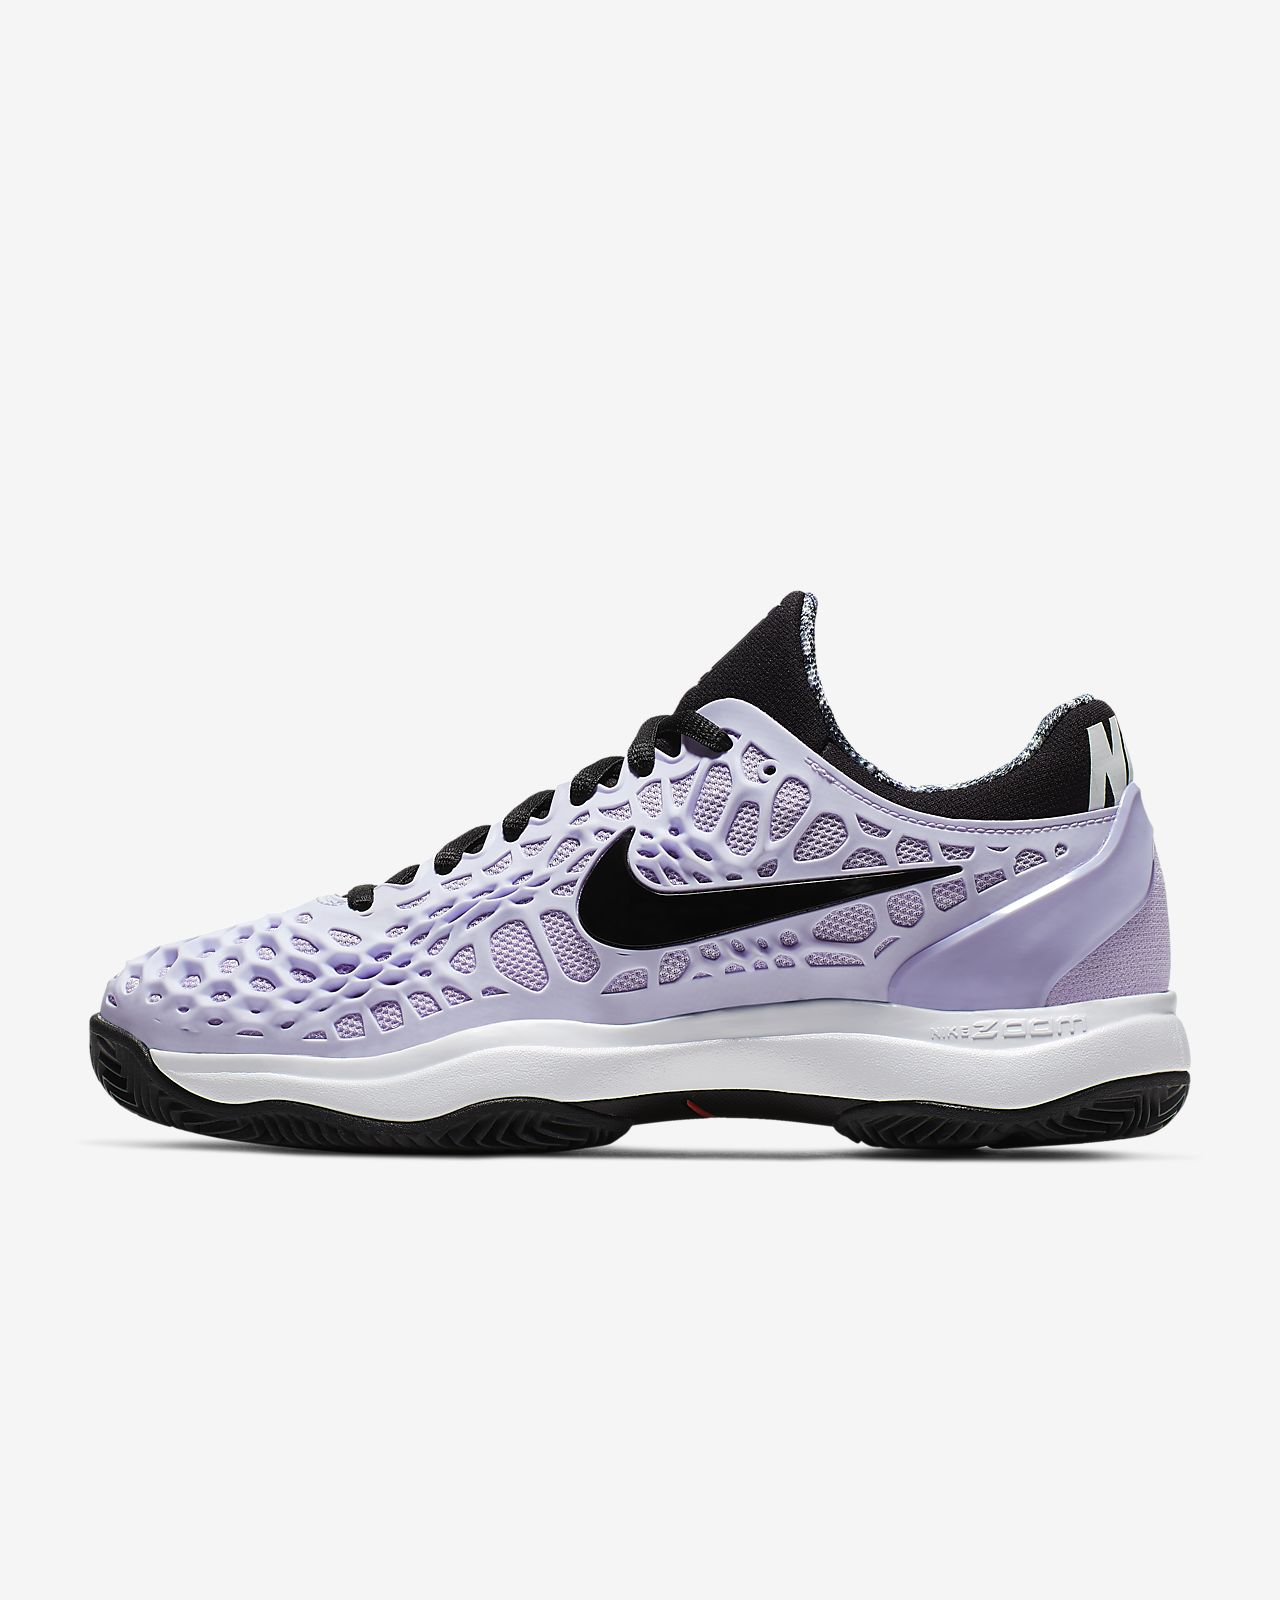 Nike Zoom Cage 3 Clay Tennisschoen voor dames